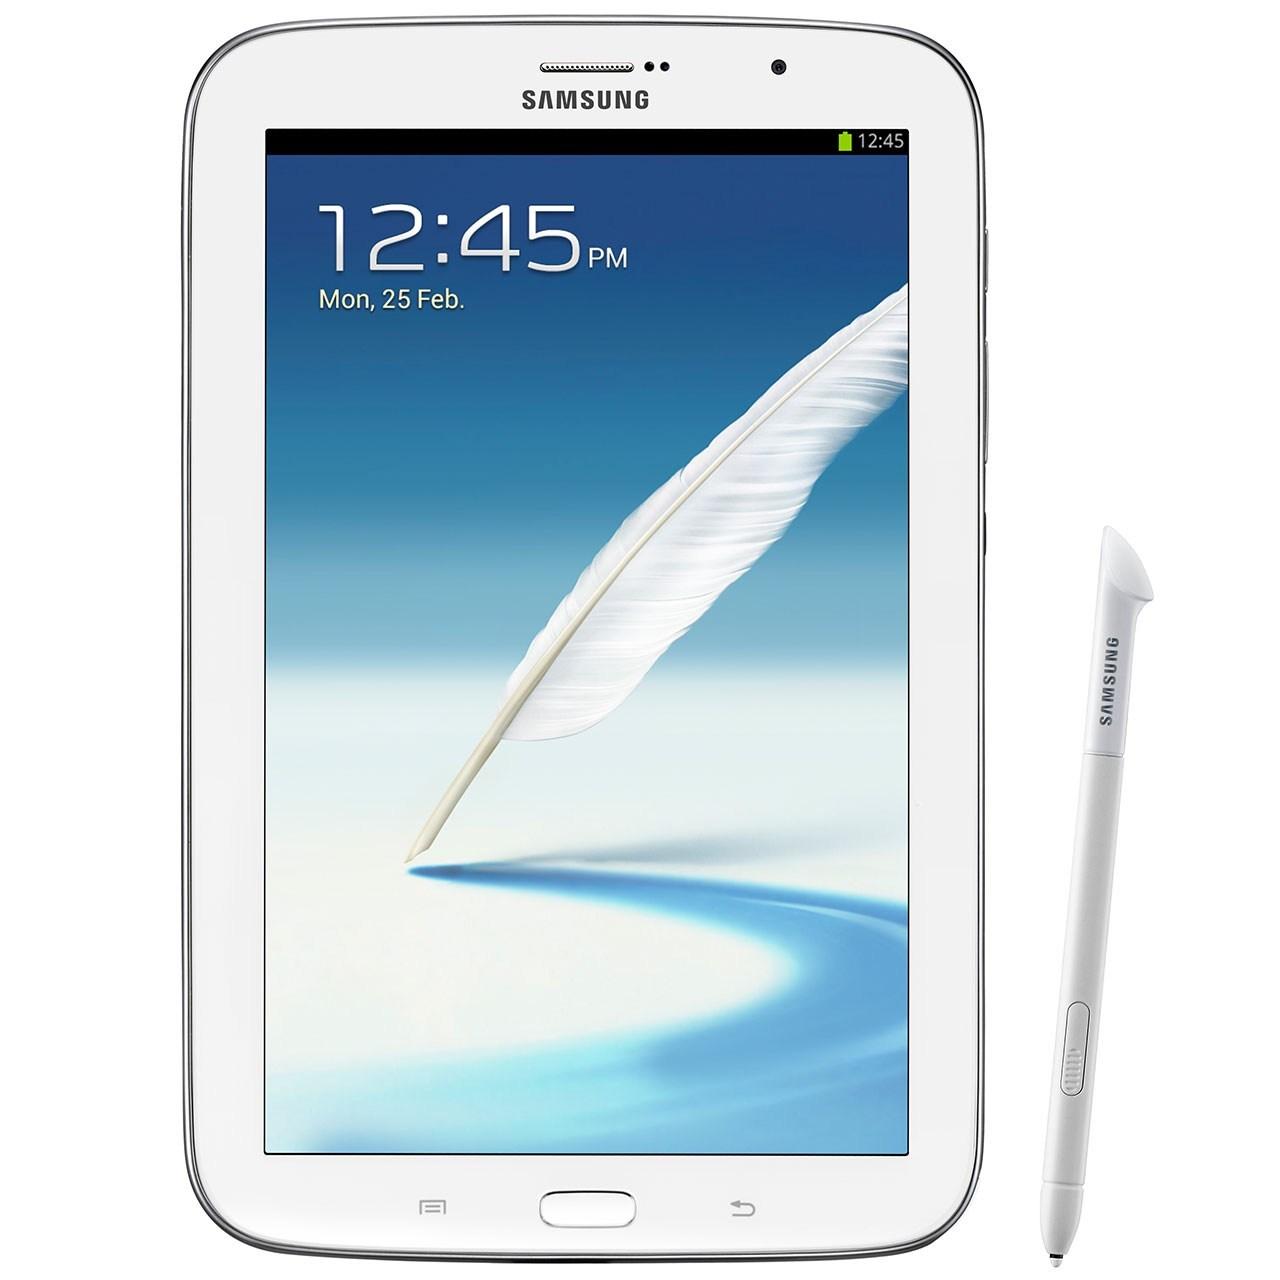 تبلت سامسونگ مدل Galaxy Note 8 N5100 - ظرفیت 16 گیگابایت